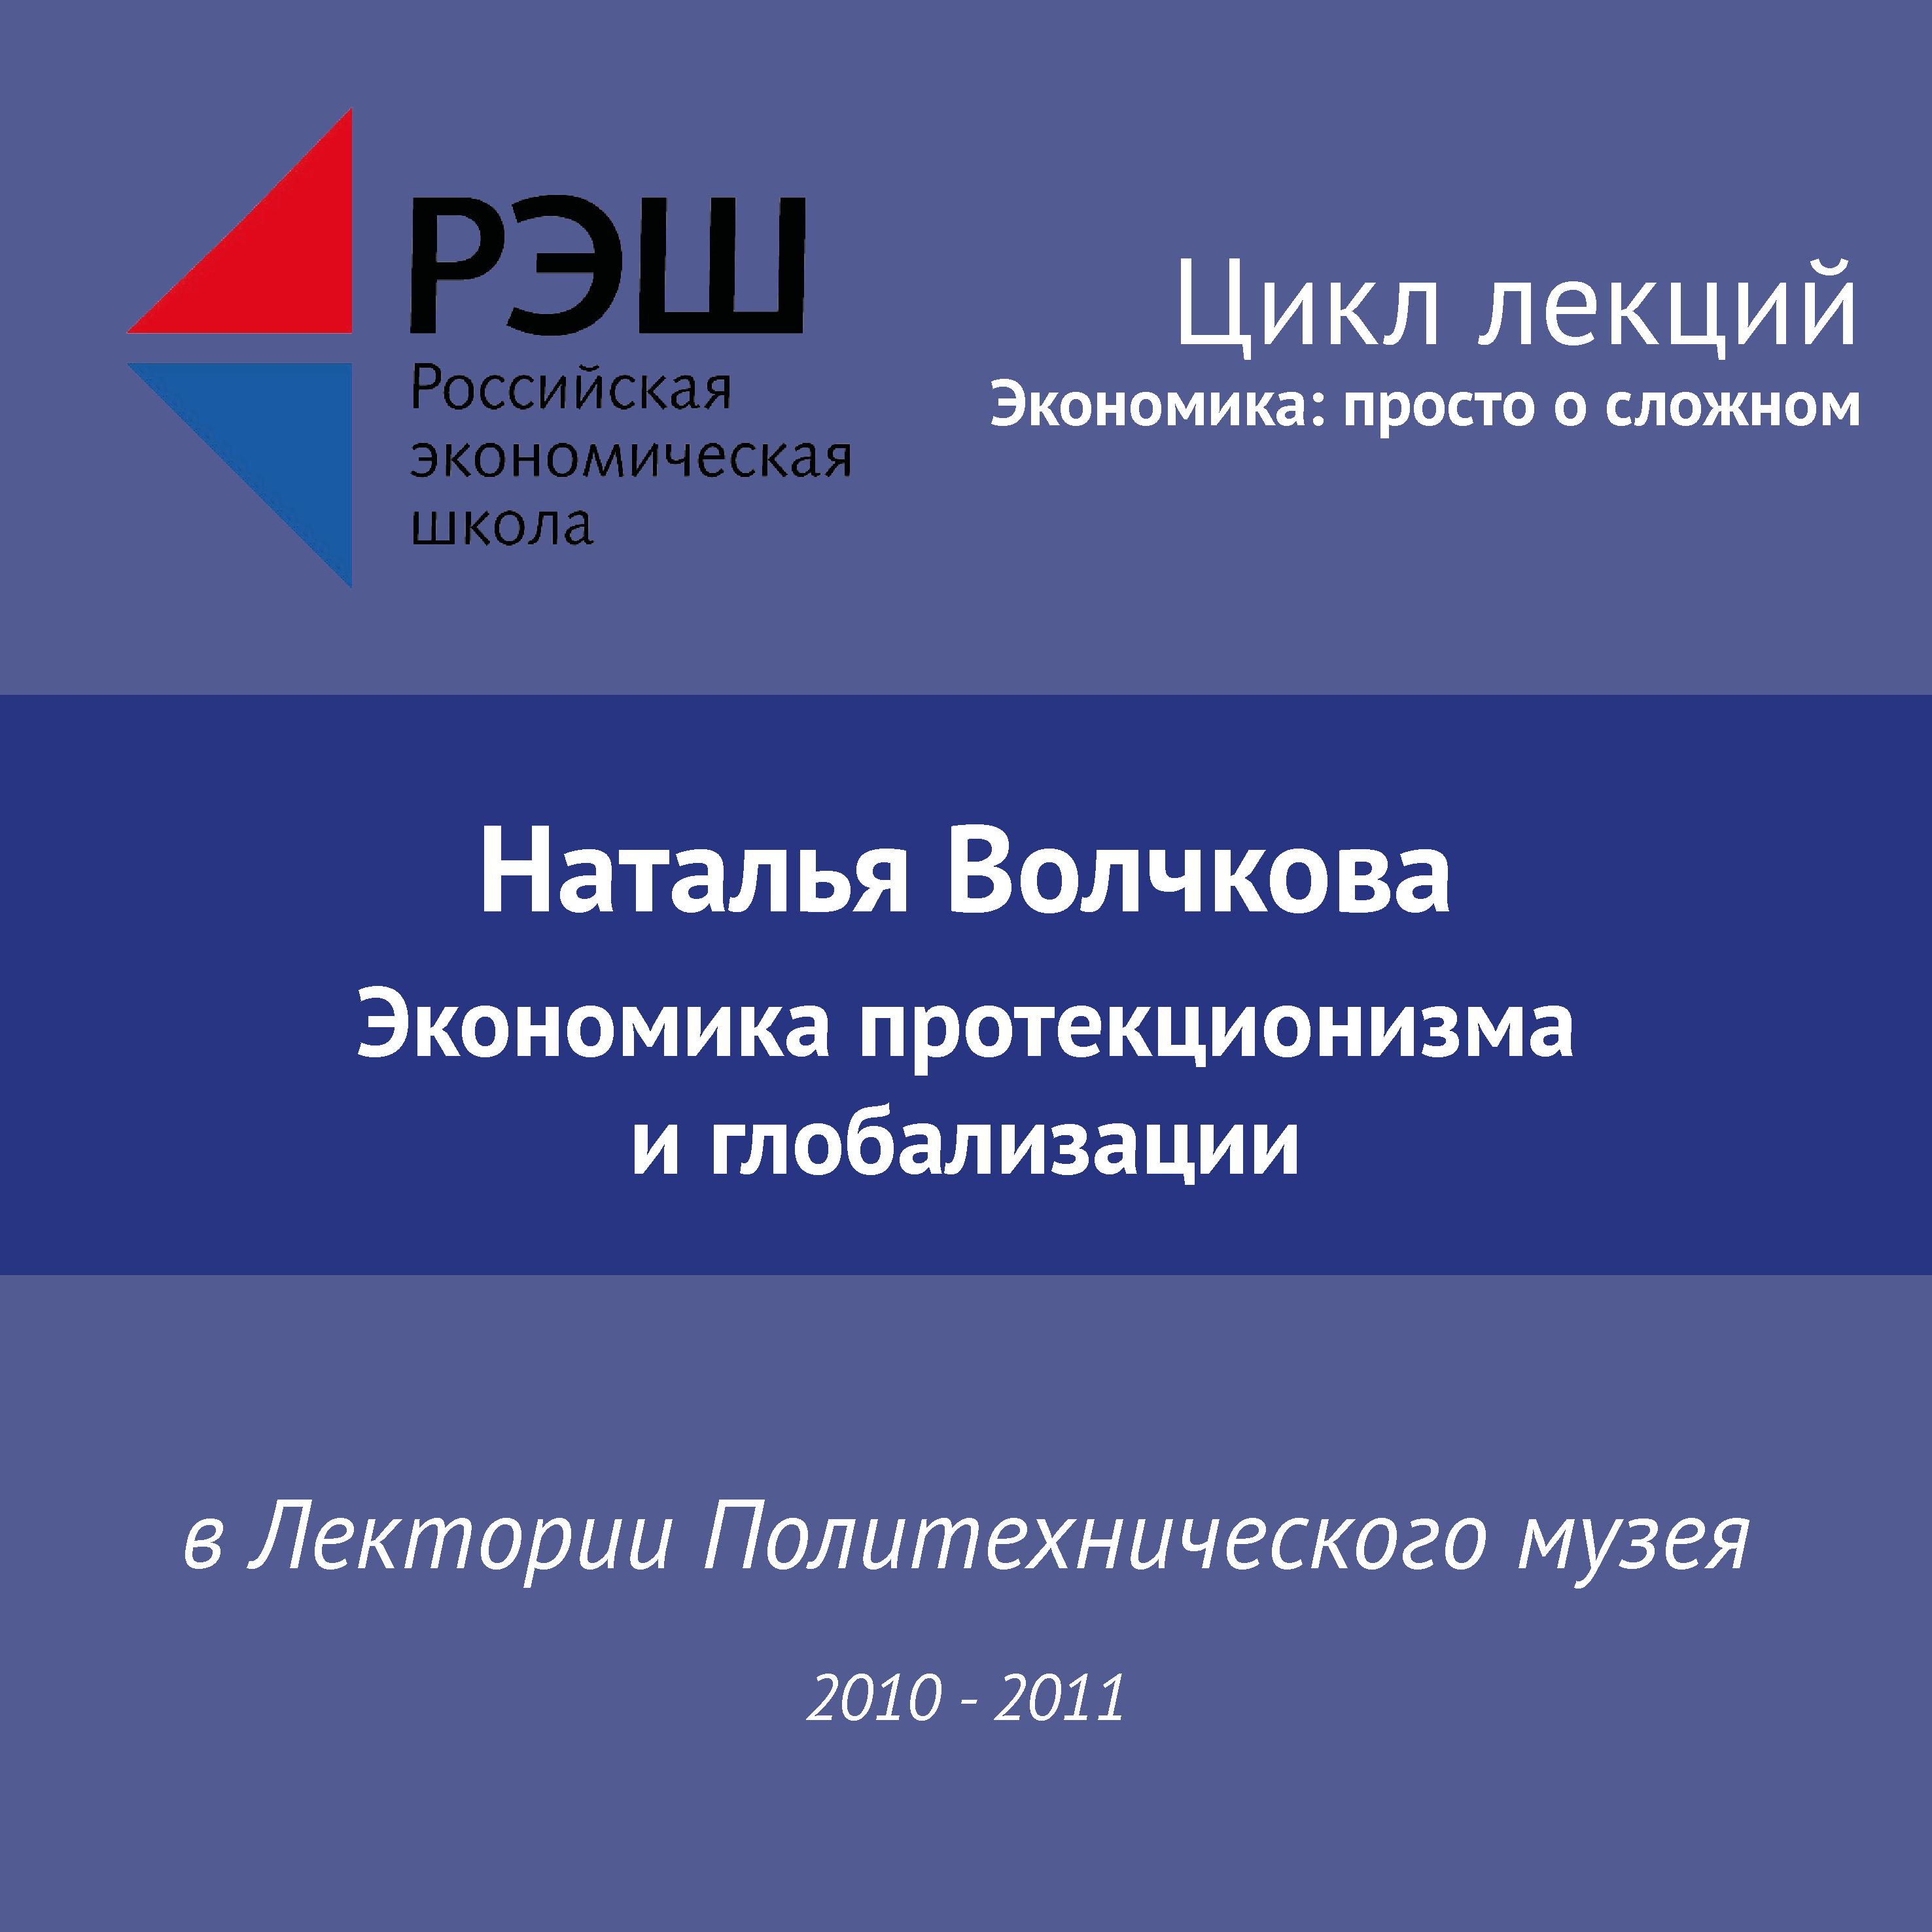 Лекция № 08 «Экономика протекционизма и глобализации»